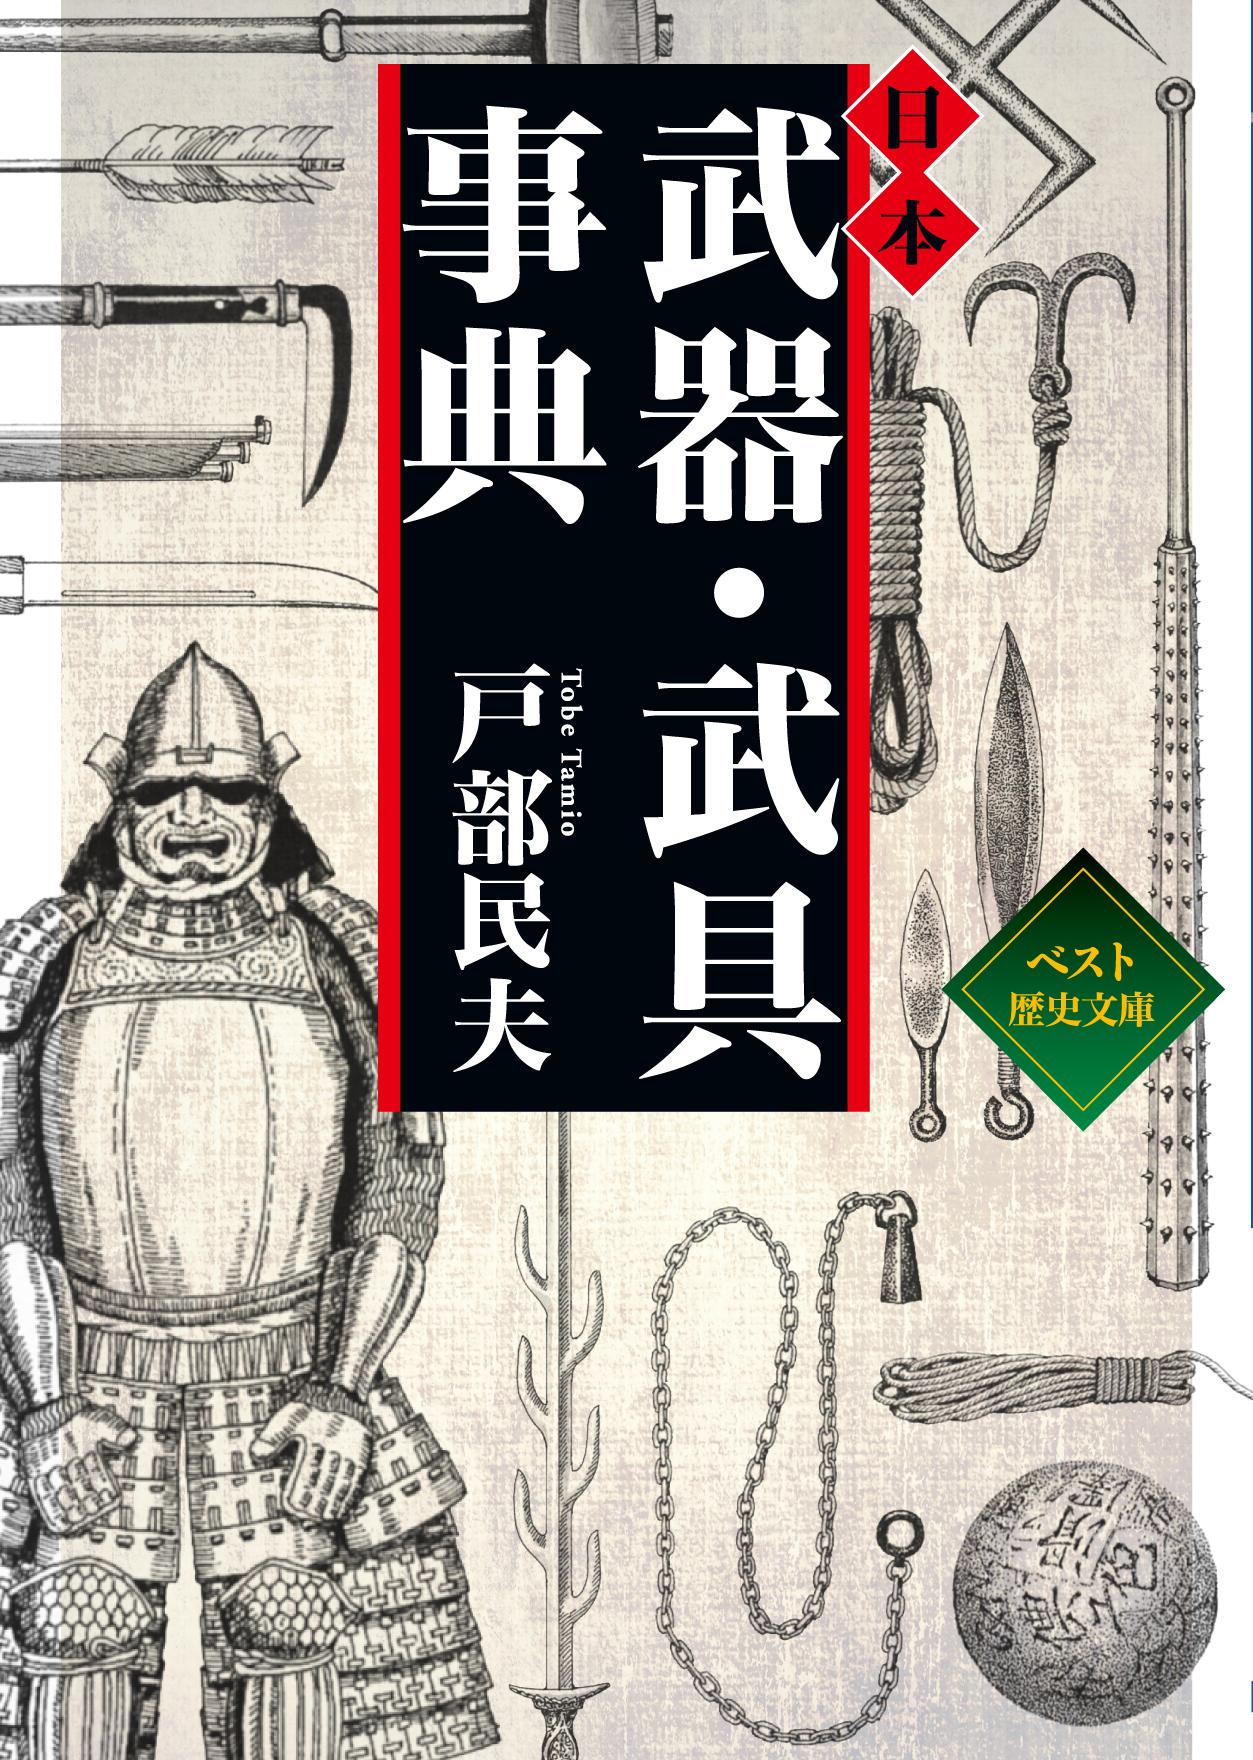 武器の歴史を知らずして、日本史を語るなかれ!